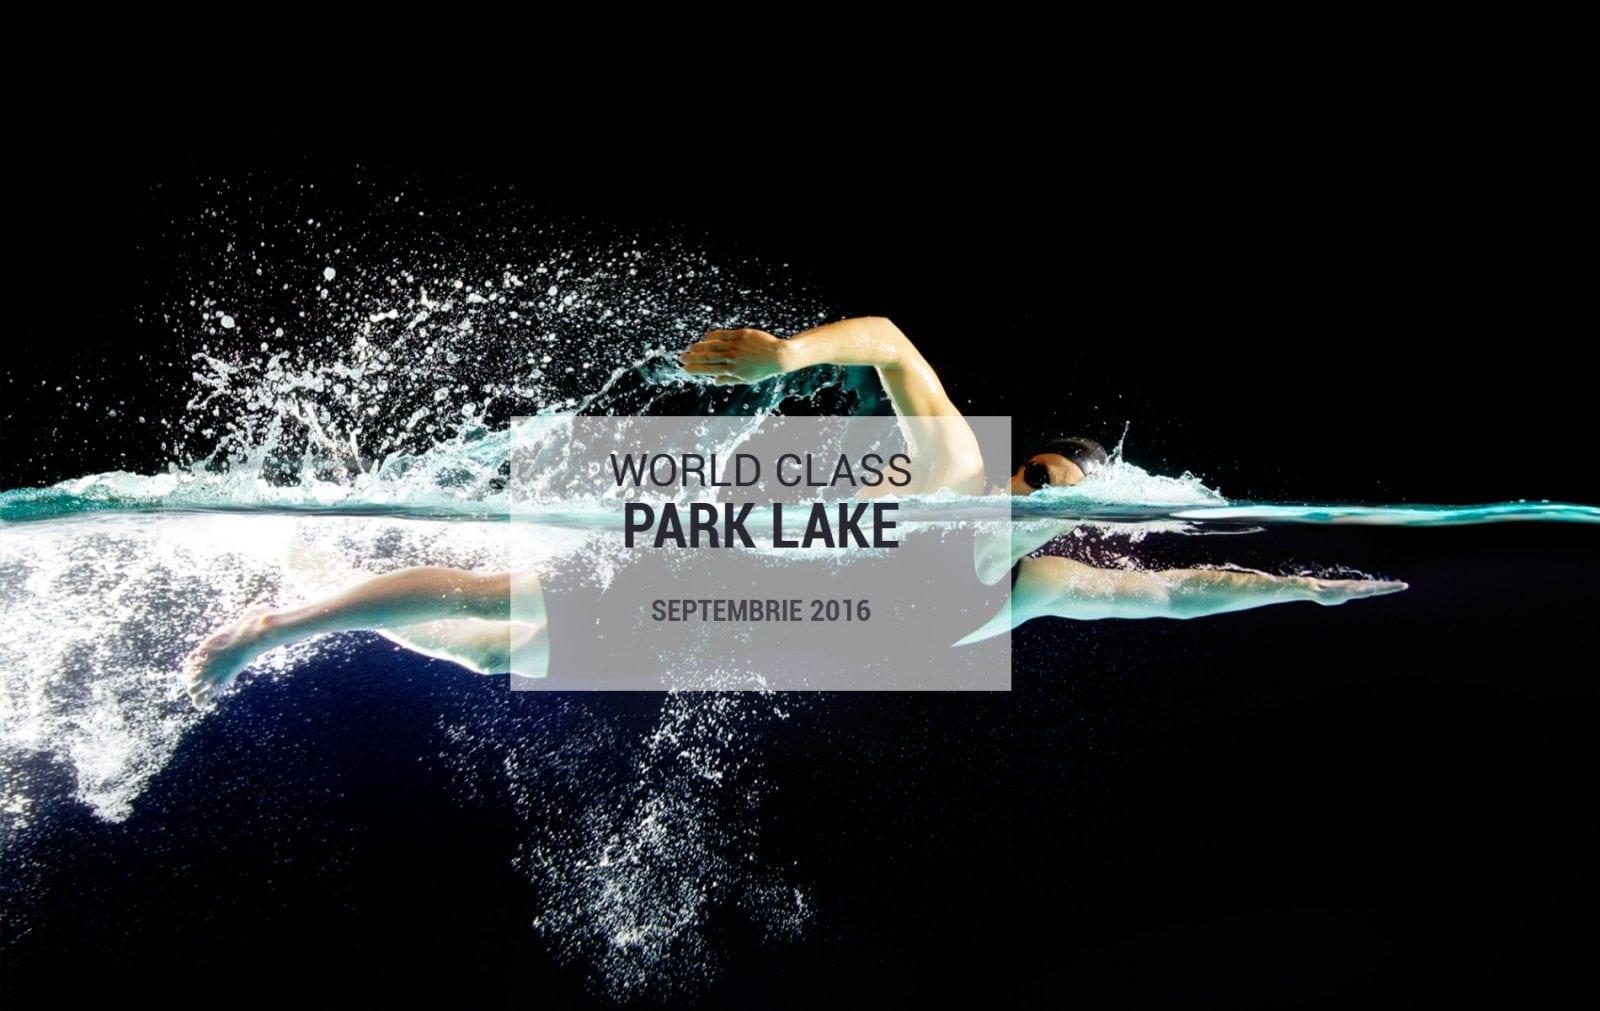 World Class Romania Park Lake - Cel mai nou club World Class, în mijlocul naturii